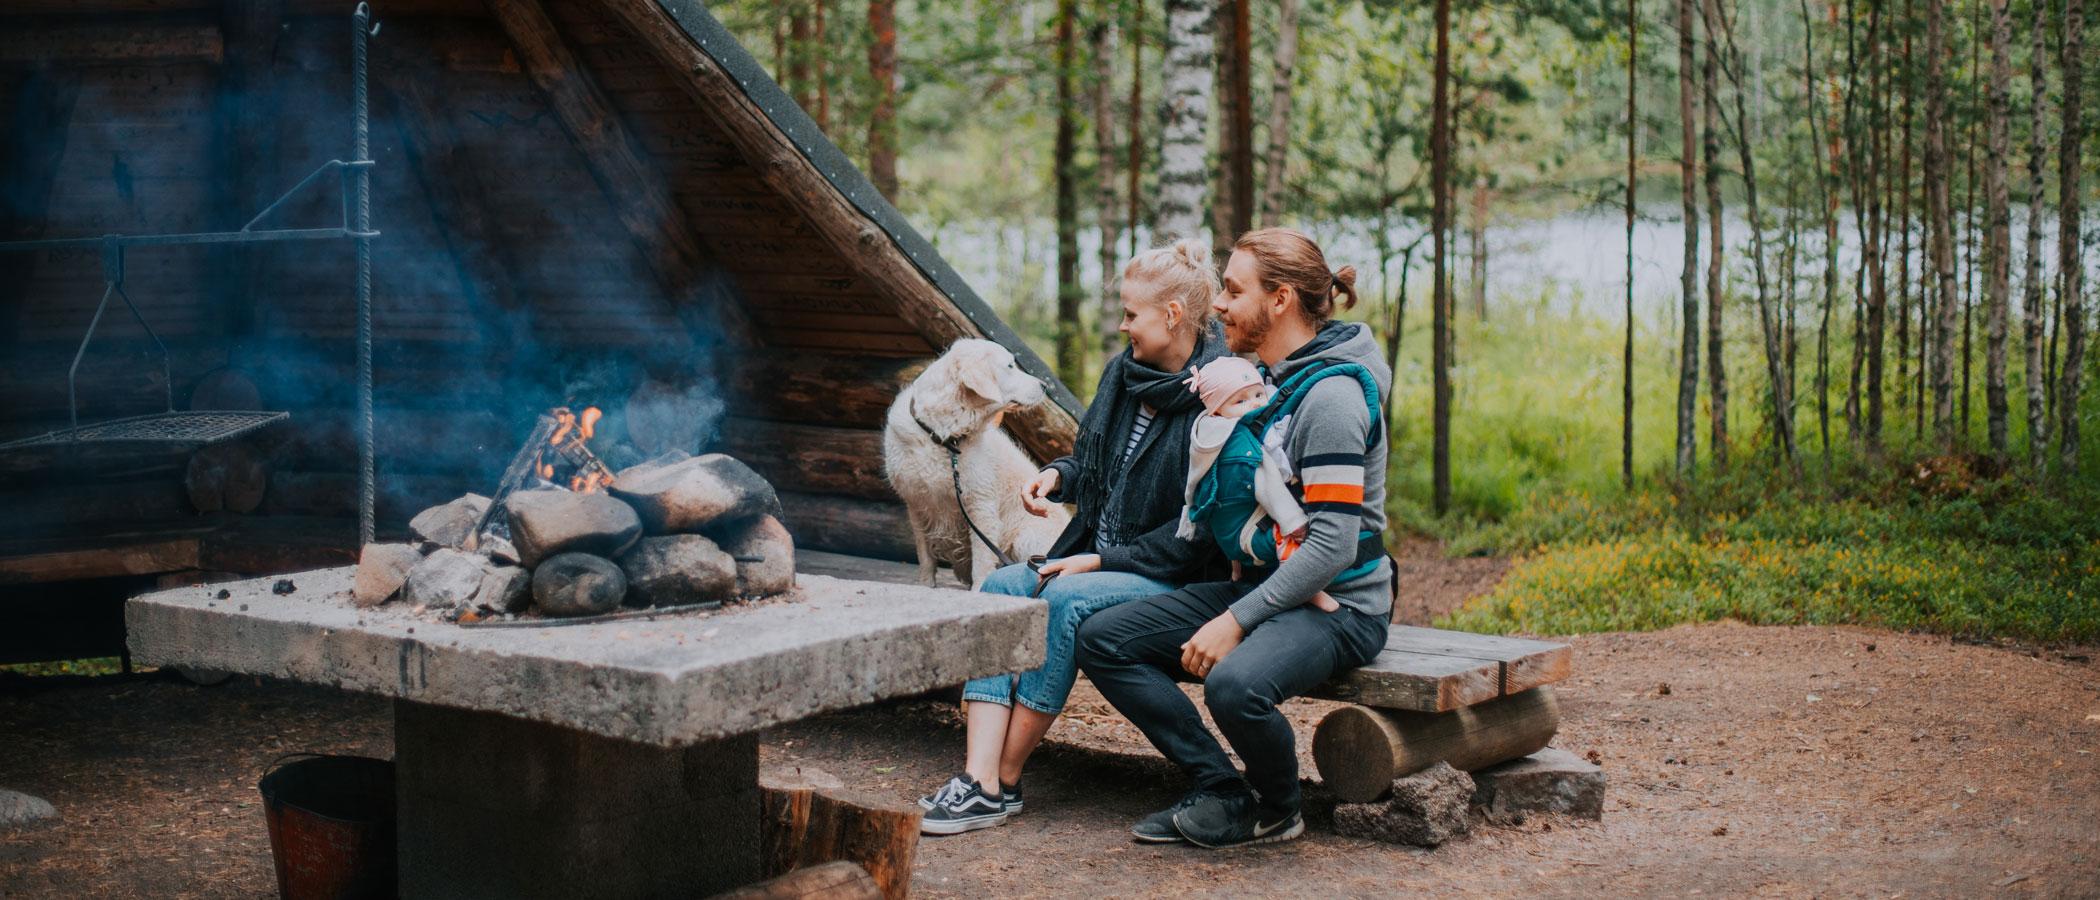 Perhe Isojärven kansallispuiston laavulla